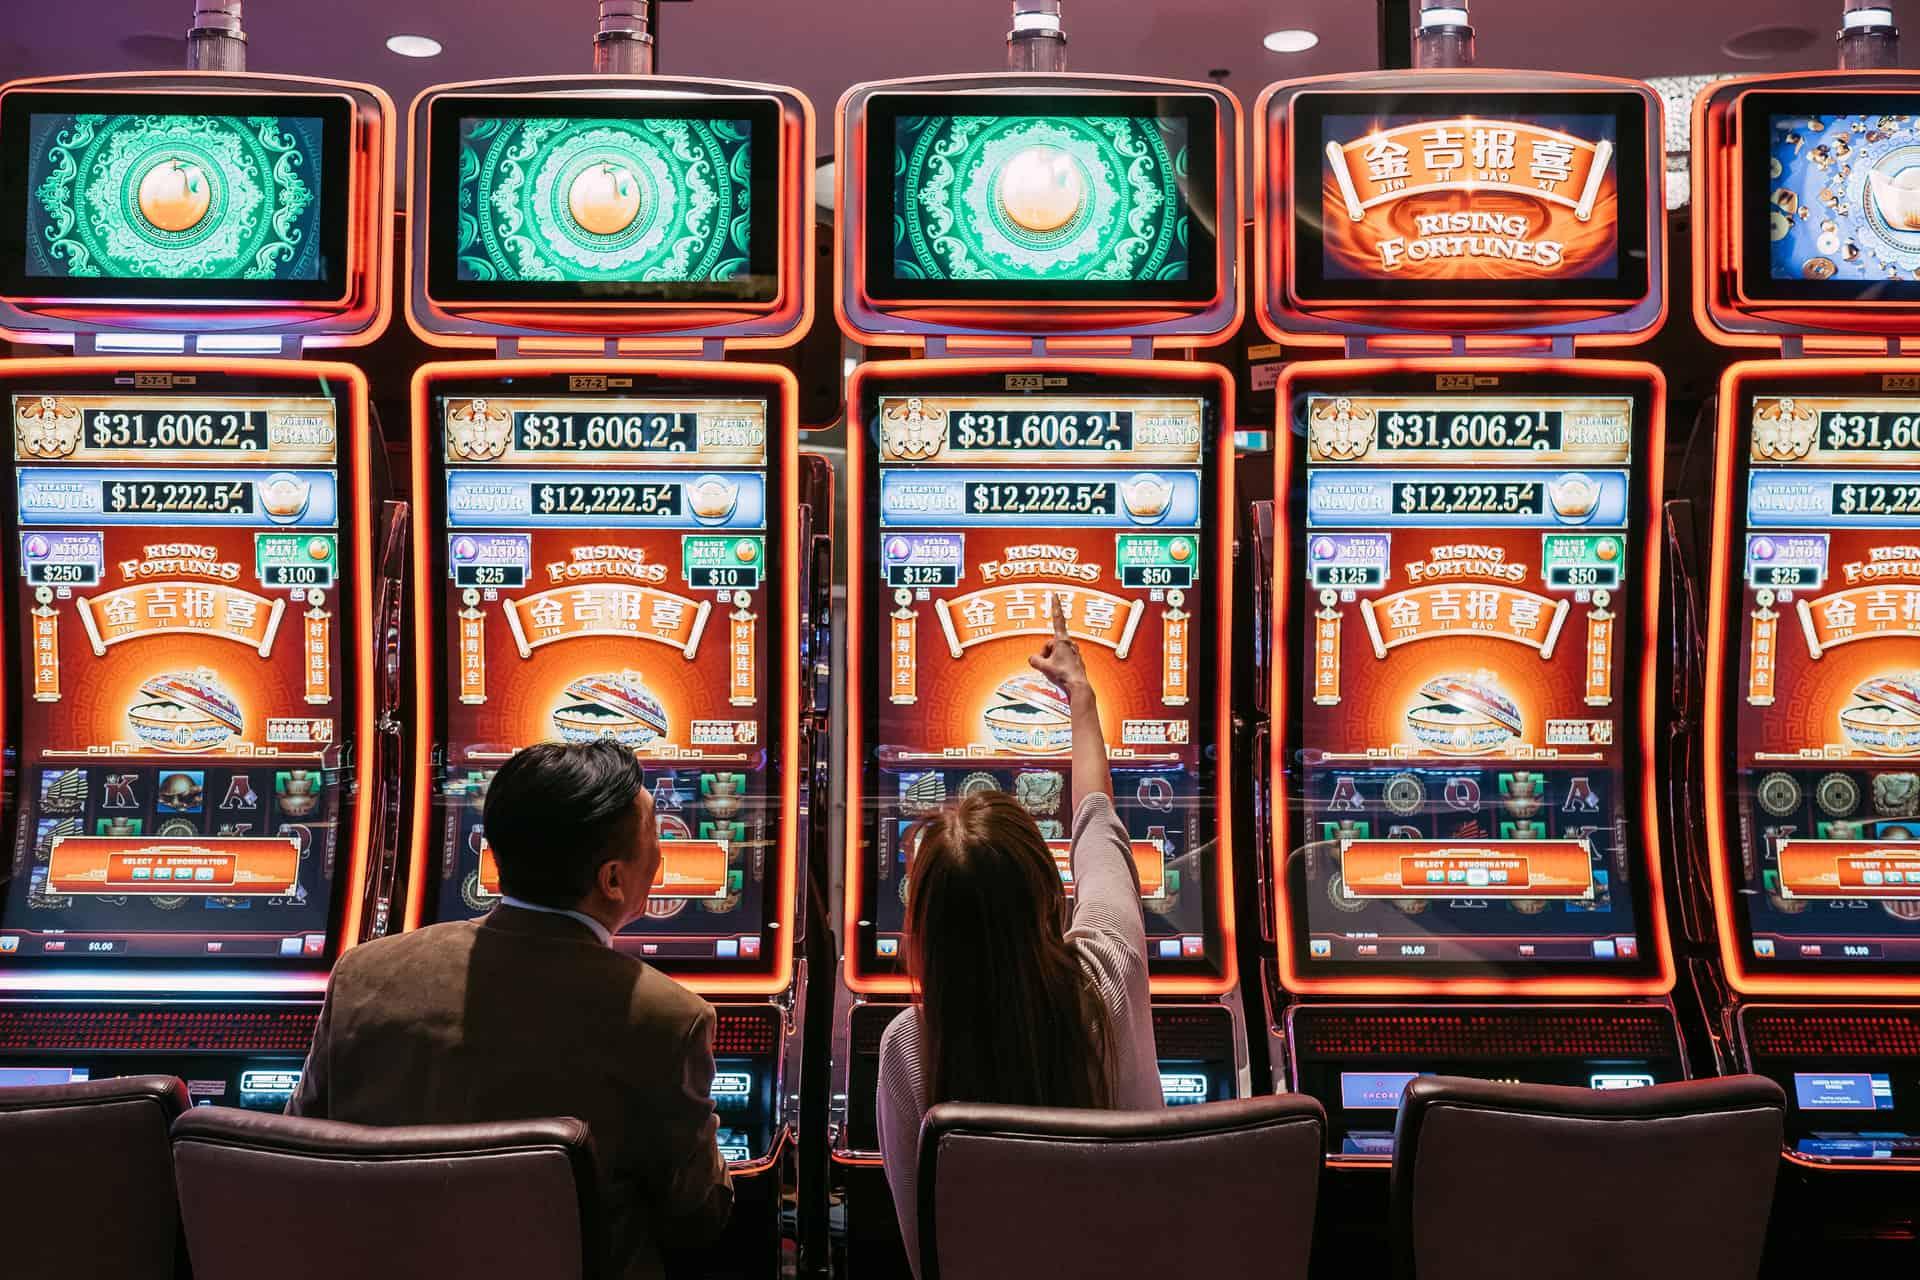 Parq Casino